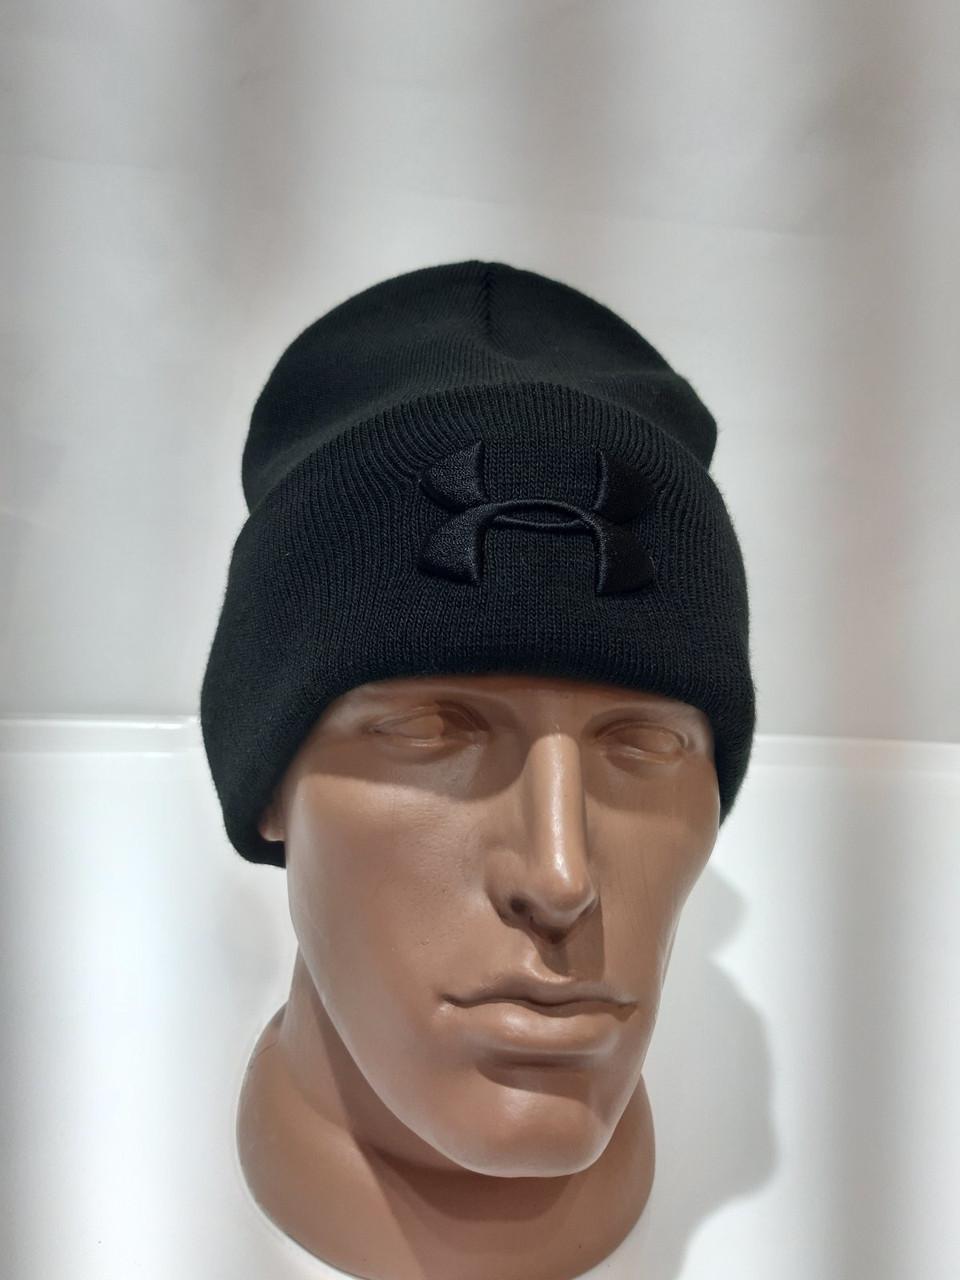 Зимняя мужская шапка черная теплая с отворотом Турция